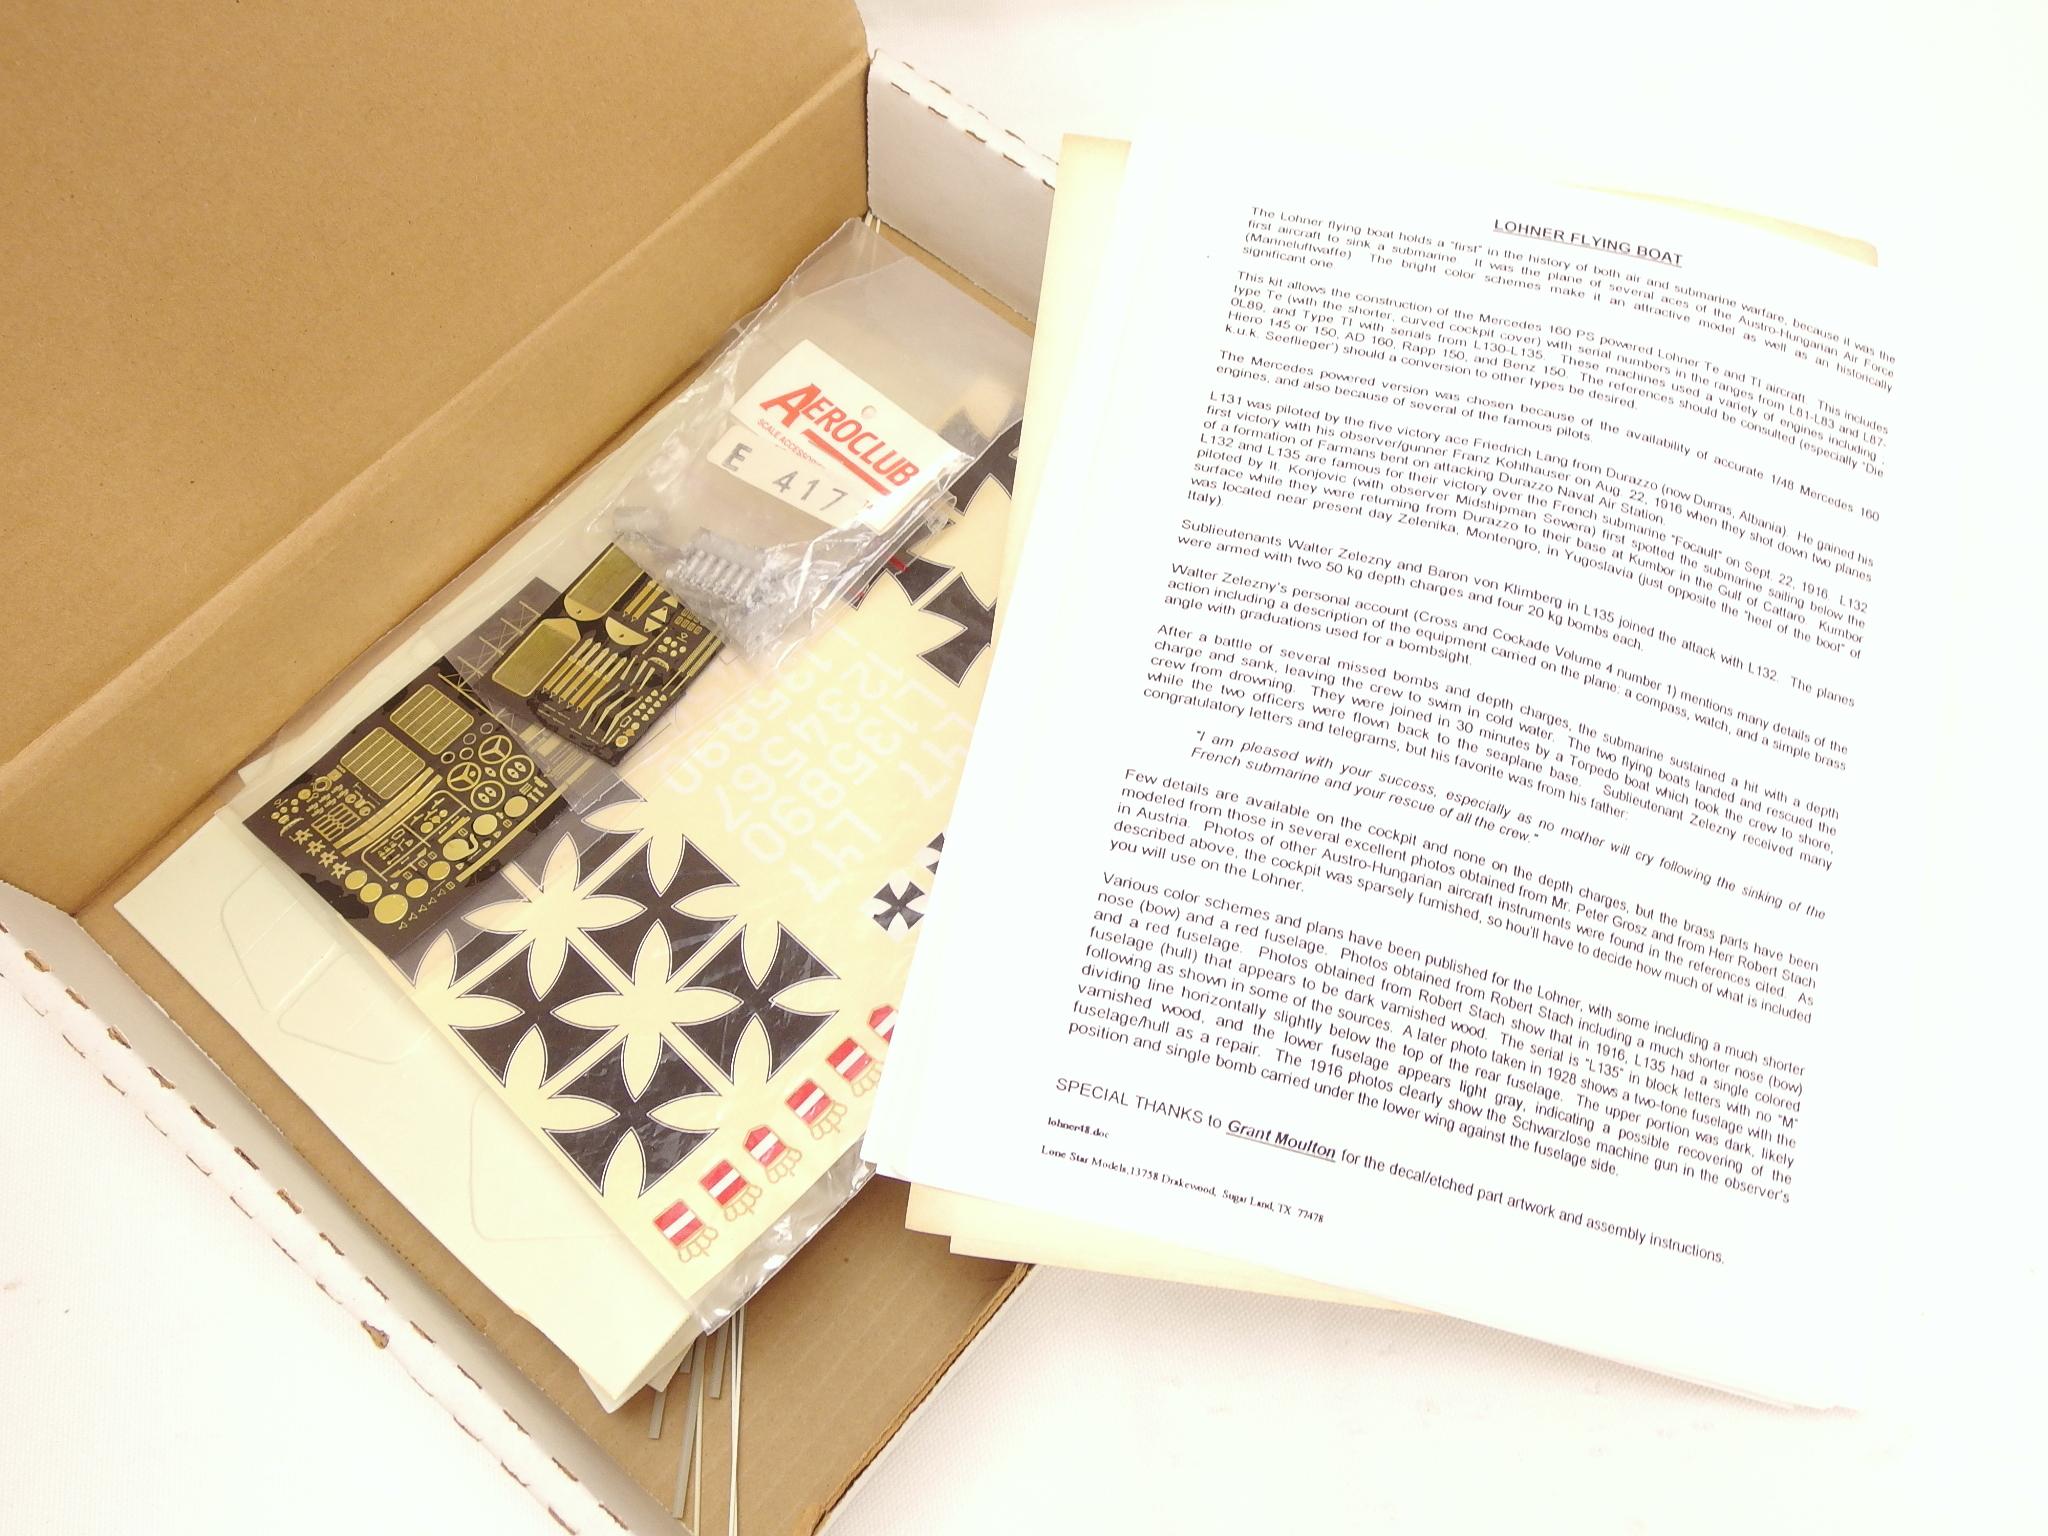 ローンスターモデル 1/48スケール バキュームフォームキット エトリッヒ・タウベ & ローナーL